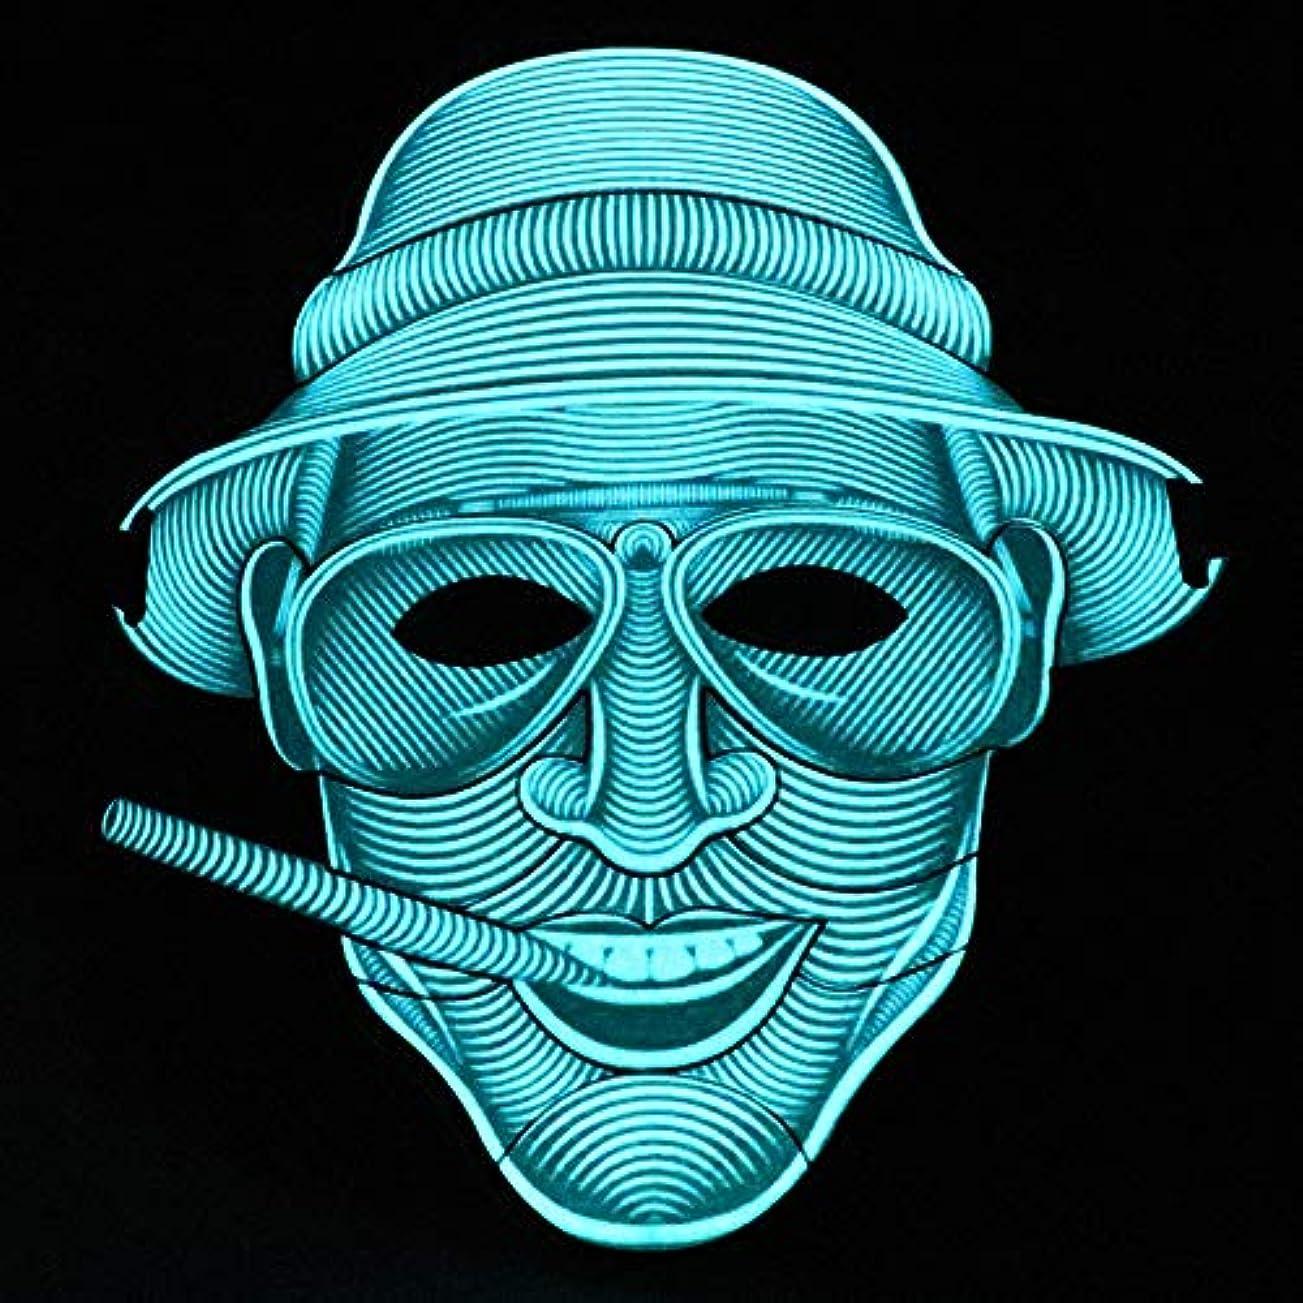 タイプいたずら落ち着く照らされたマスクLED創造的な冷光音響制御マスクハロウィンバーフェスティバルダンスマスク (Color : #10)